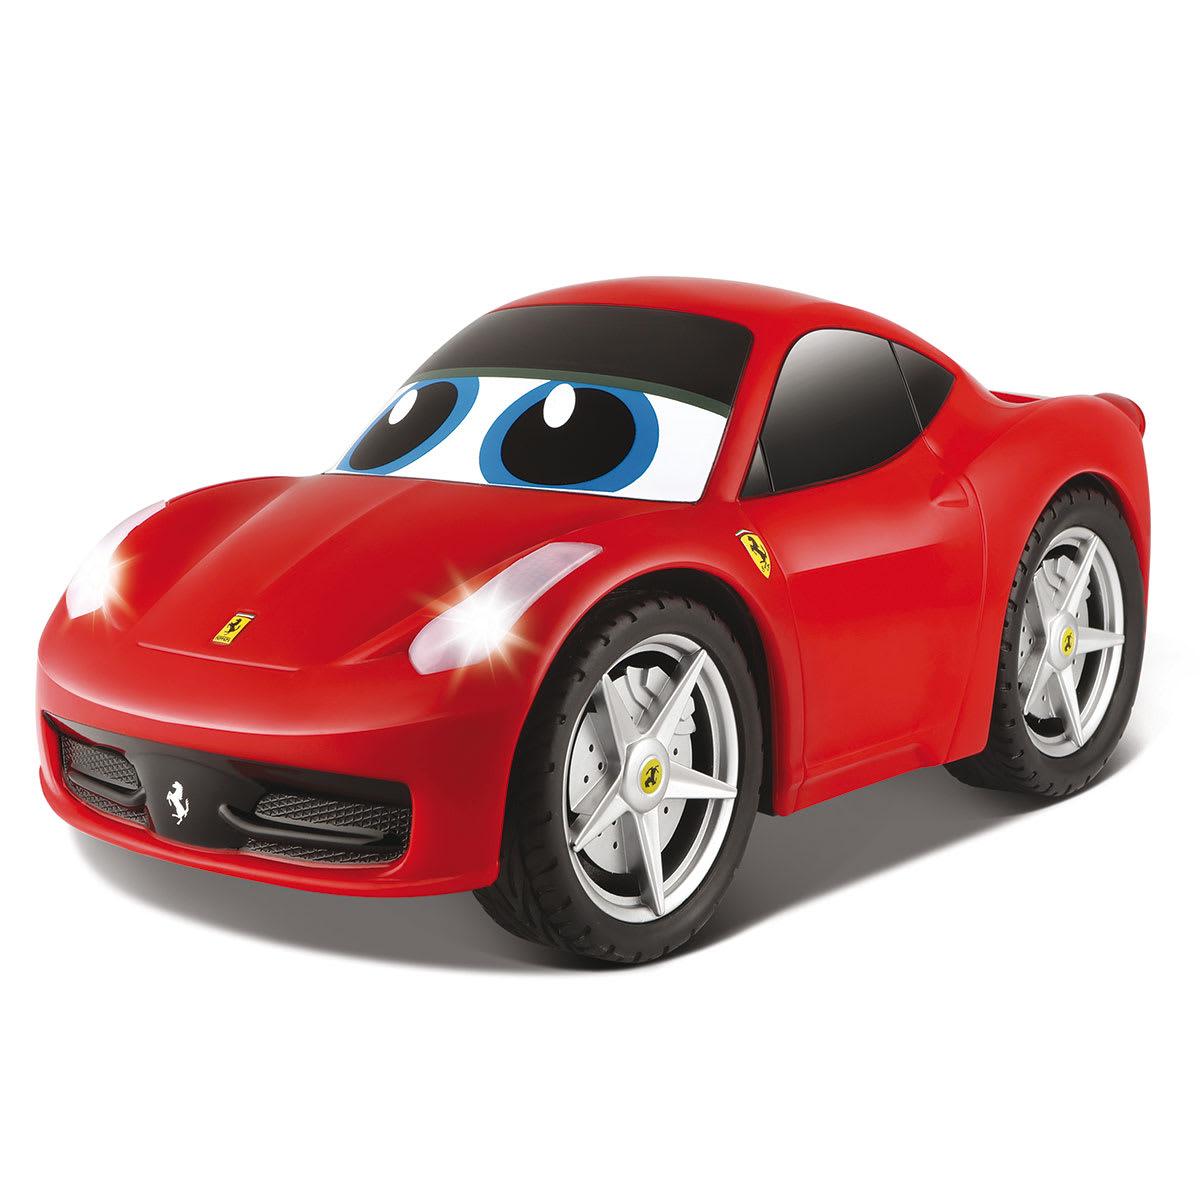 Sej Ferrari med lys og lyd og fjernbetjening formet som rat